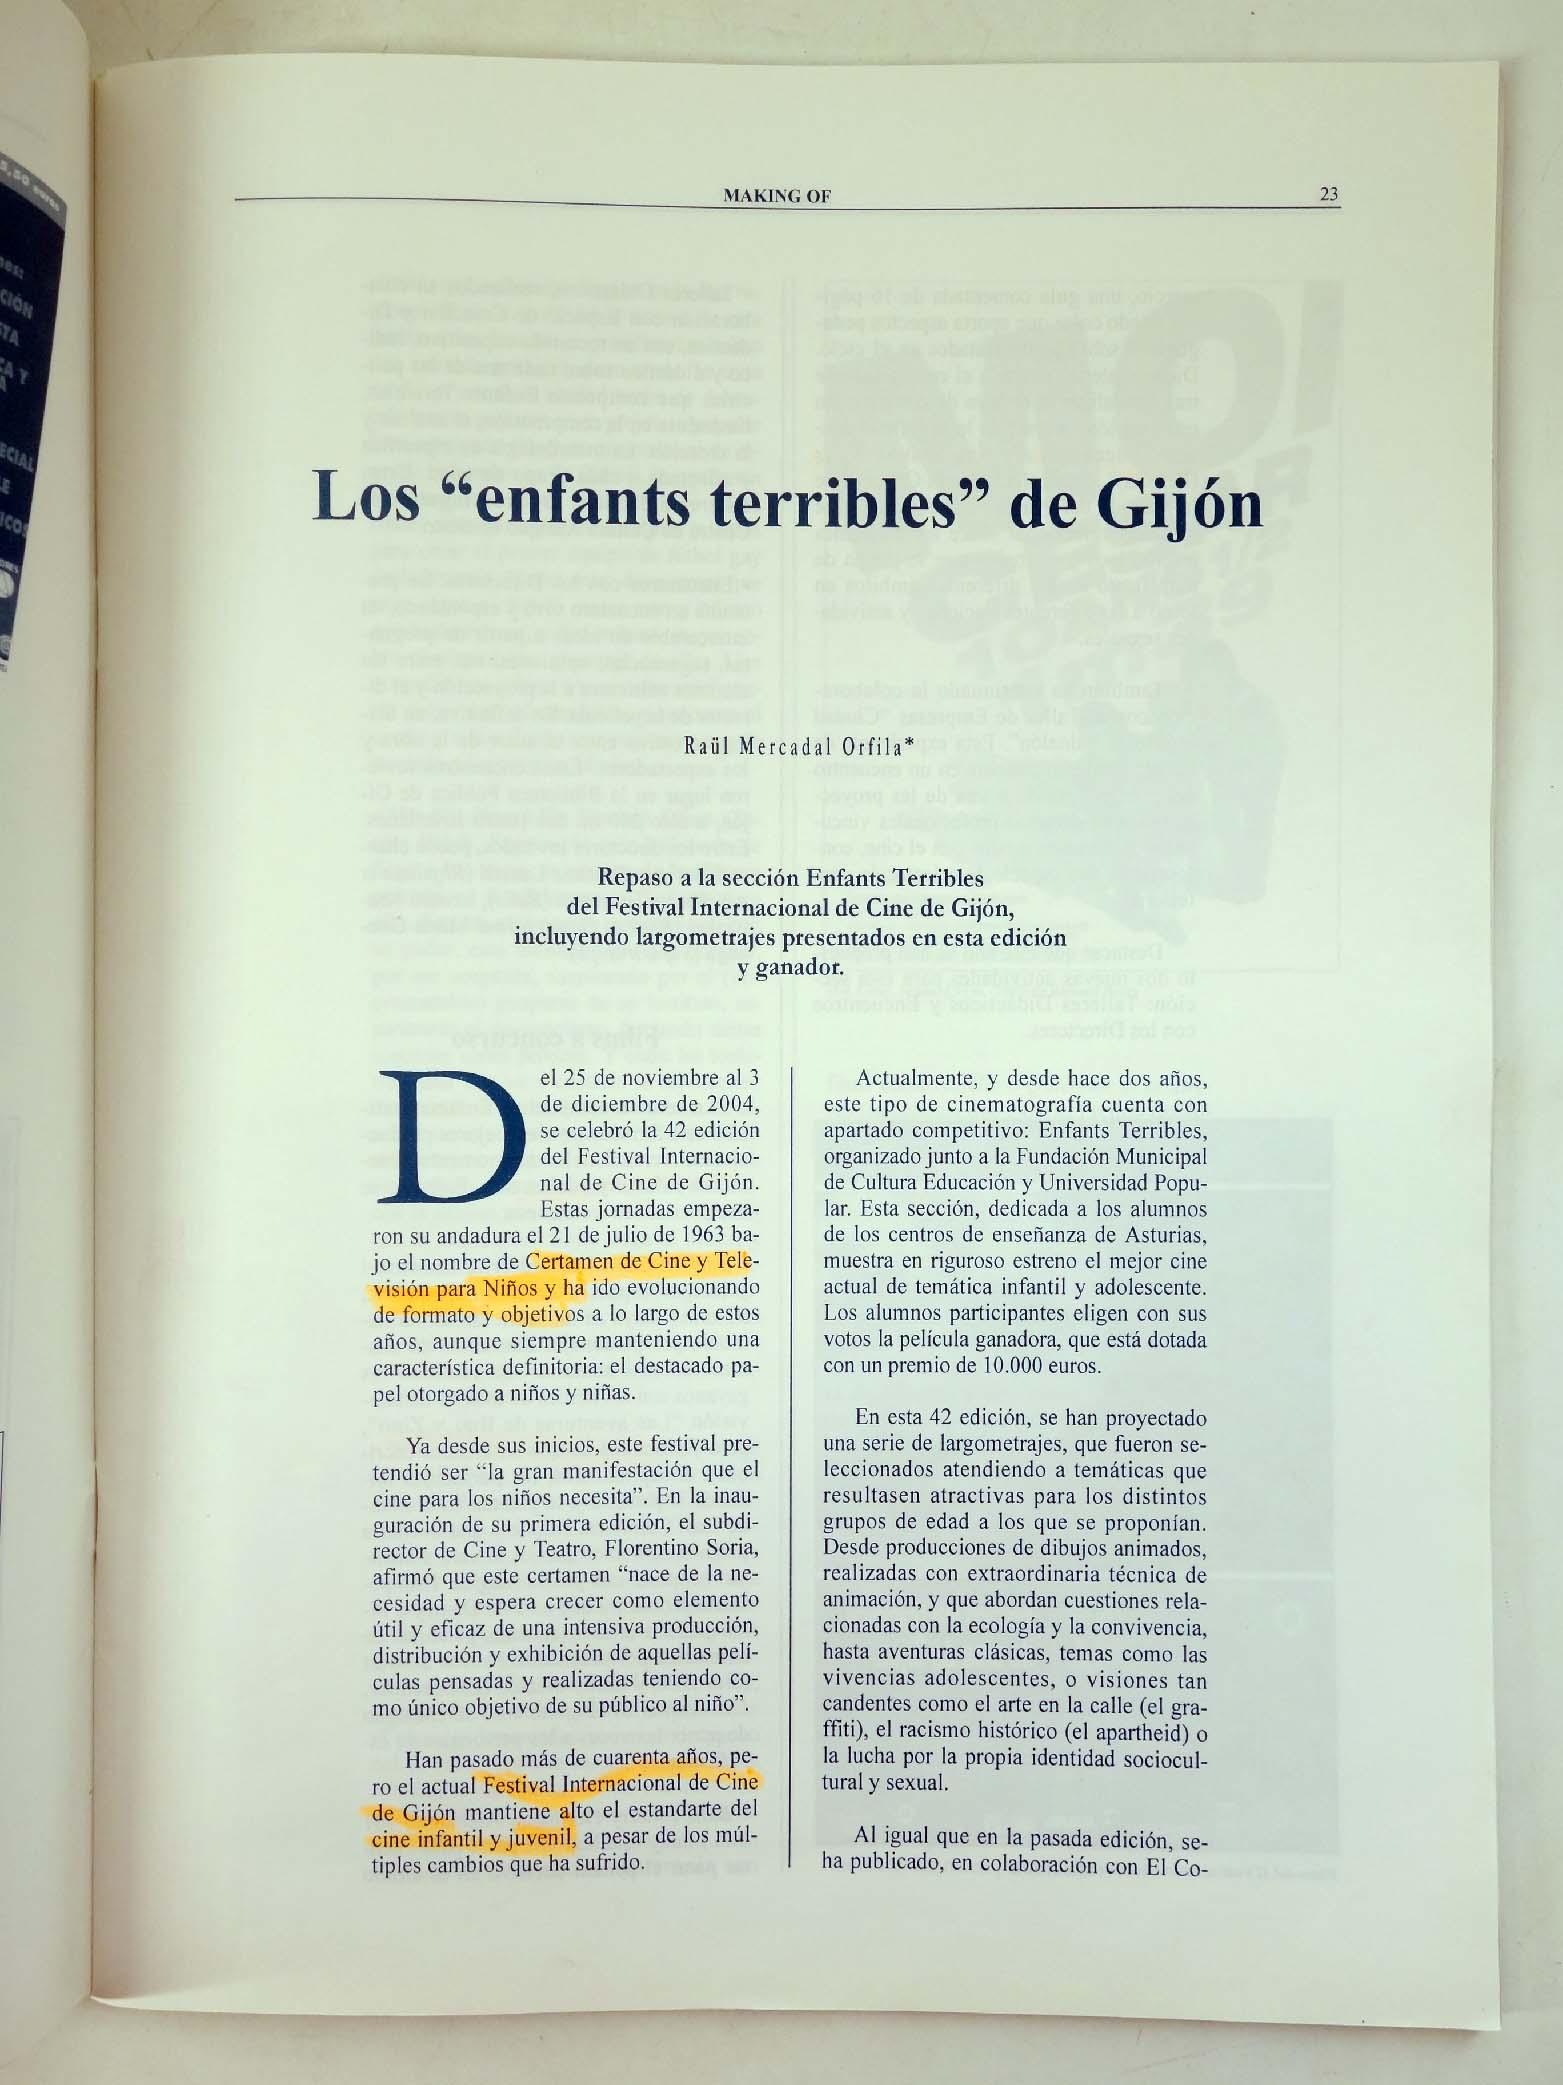 REVISTA MAKING OF, CUADERNOS DE CINE Y EDUCACIÓN 29